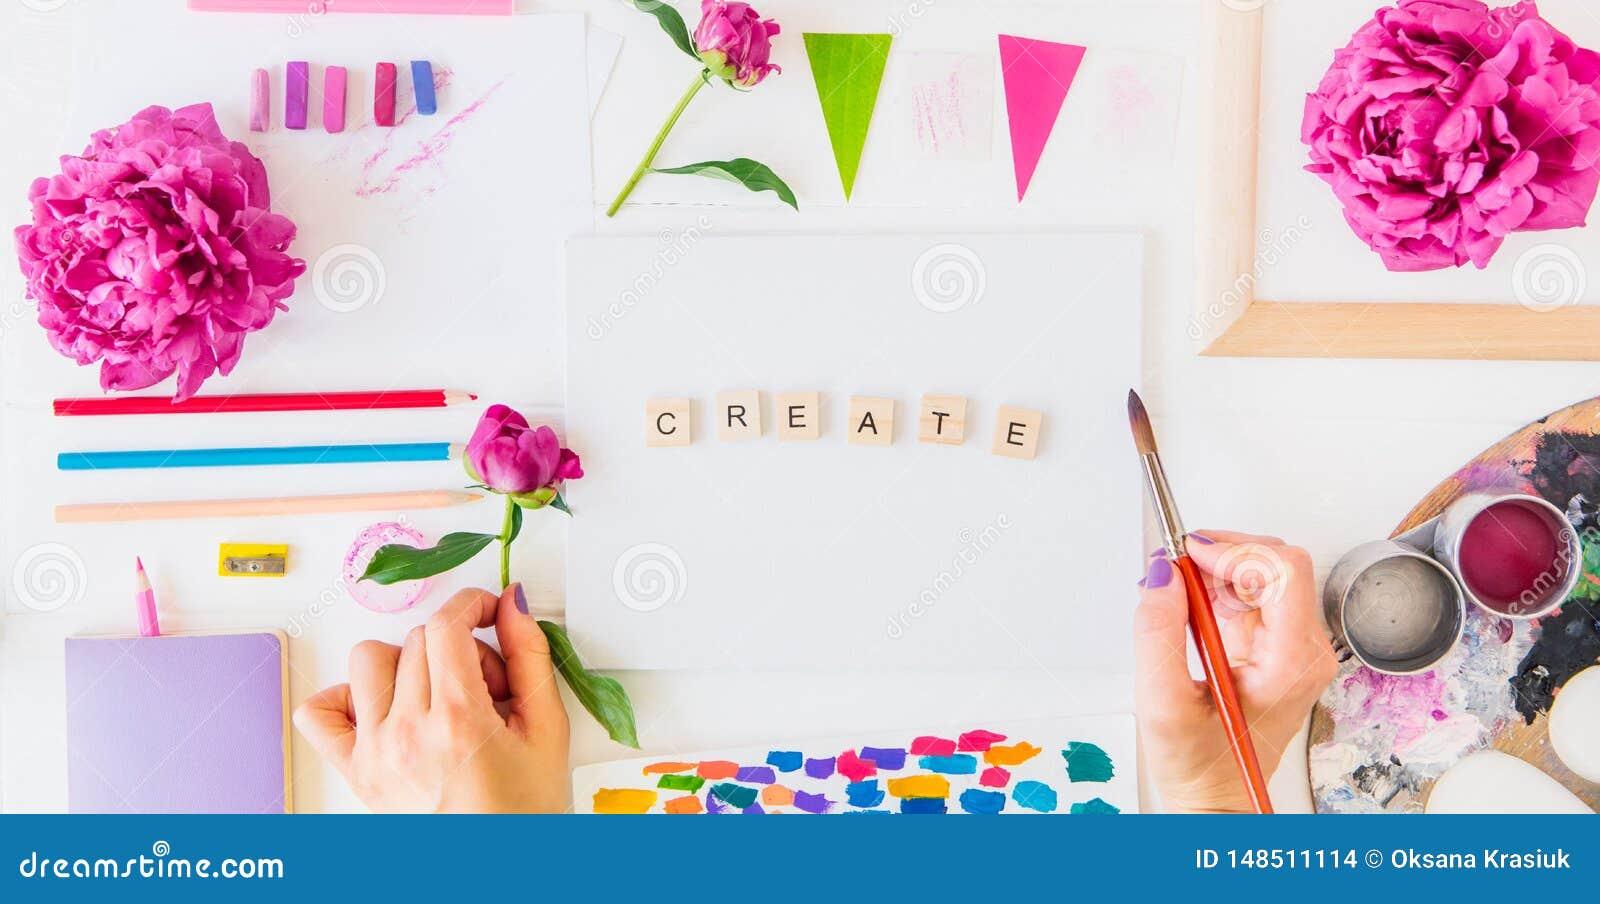 Bloeit de Topview Vrouwelijke Handen die borstel over Create schoonheid het van letters voorzien op canvas met het schilderen van